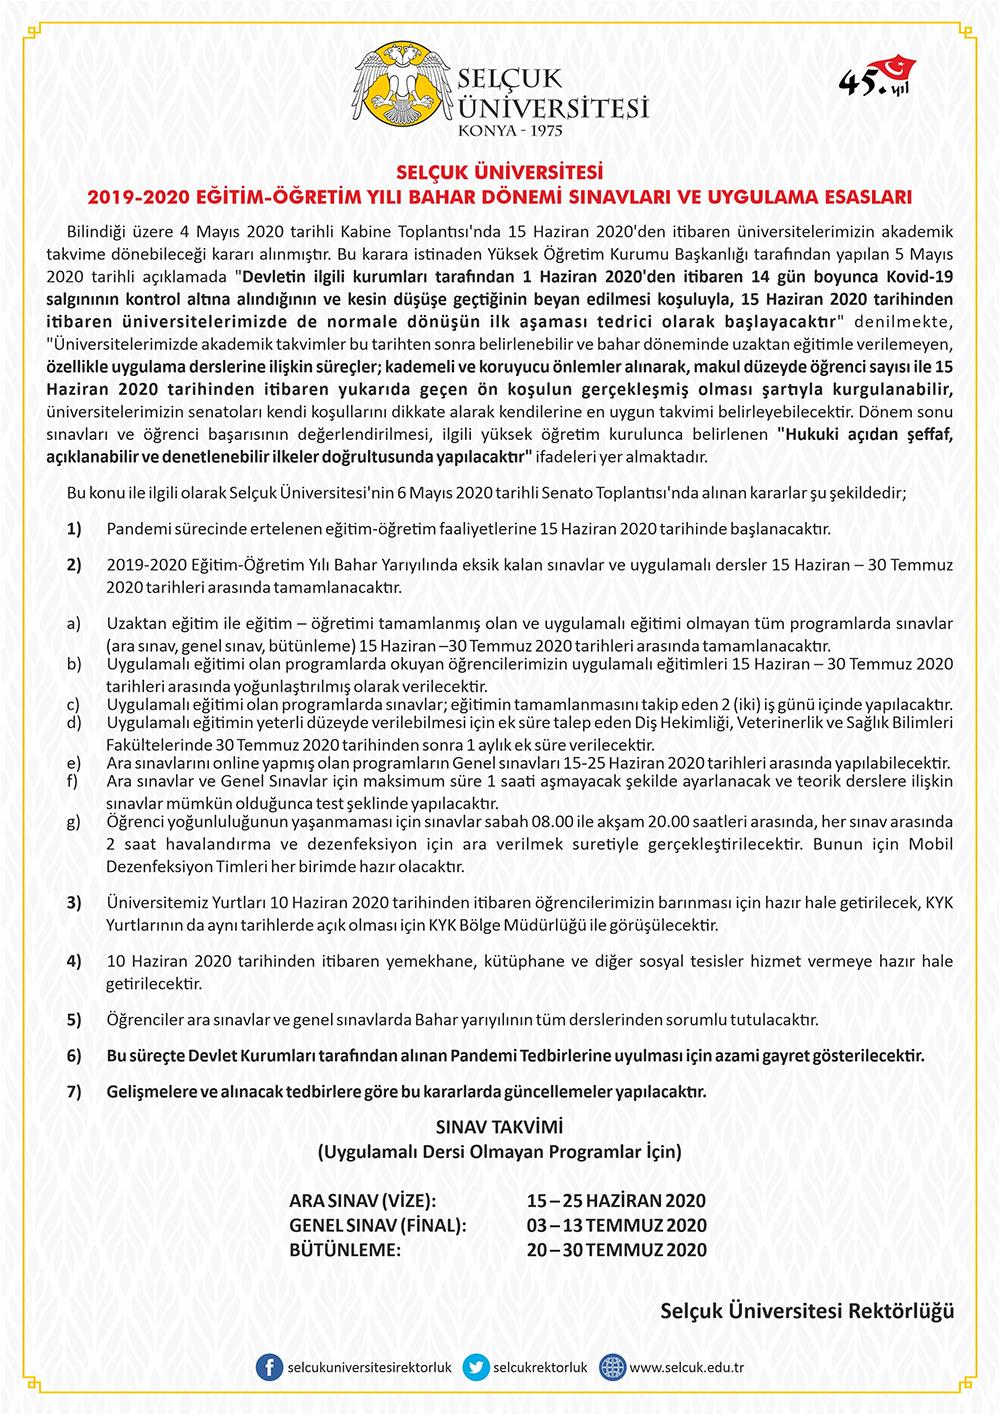 Selçuk Üniversitesi, eğitime başlama kararı aldı